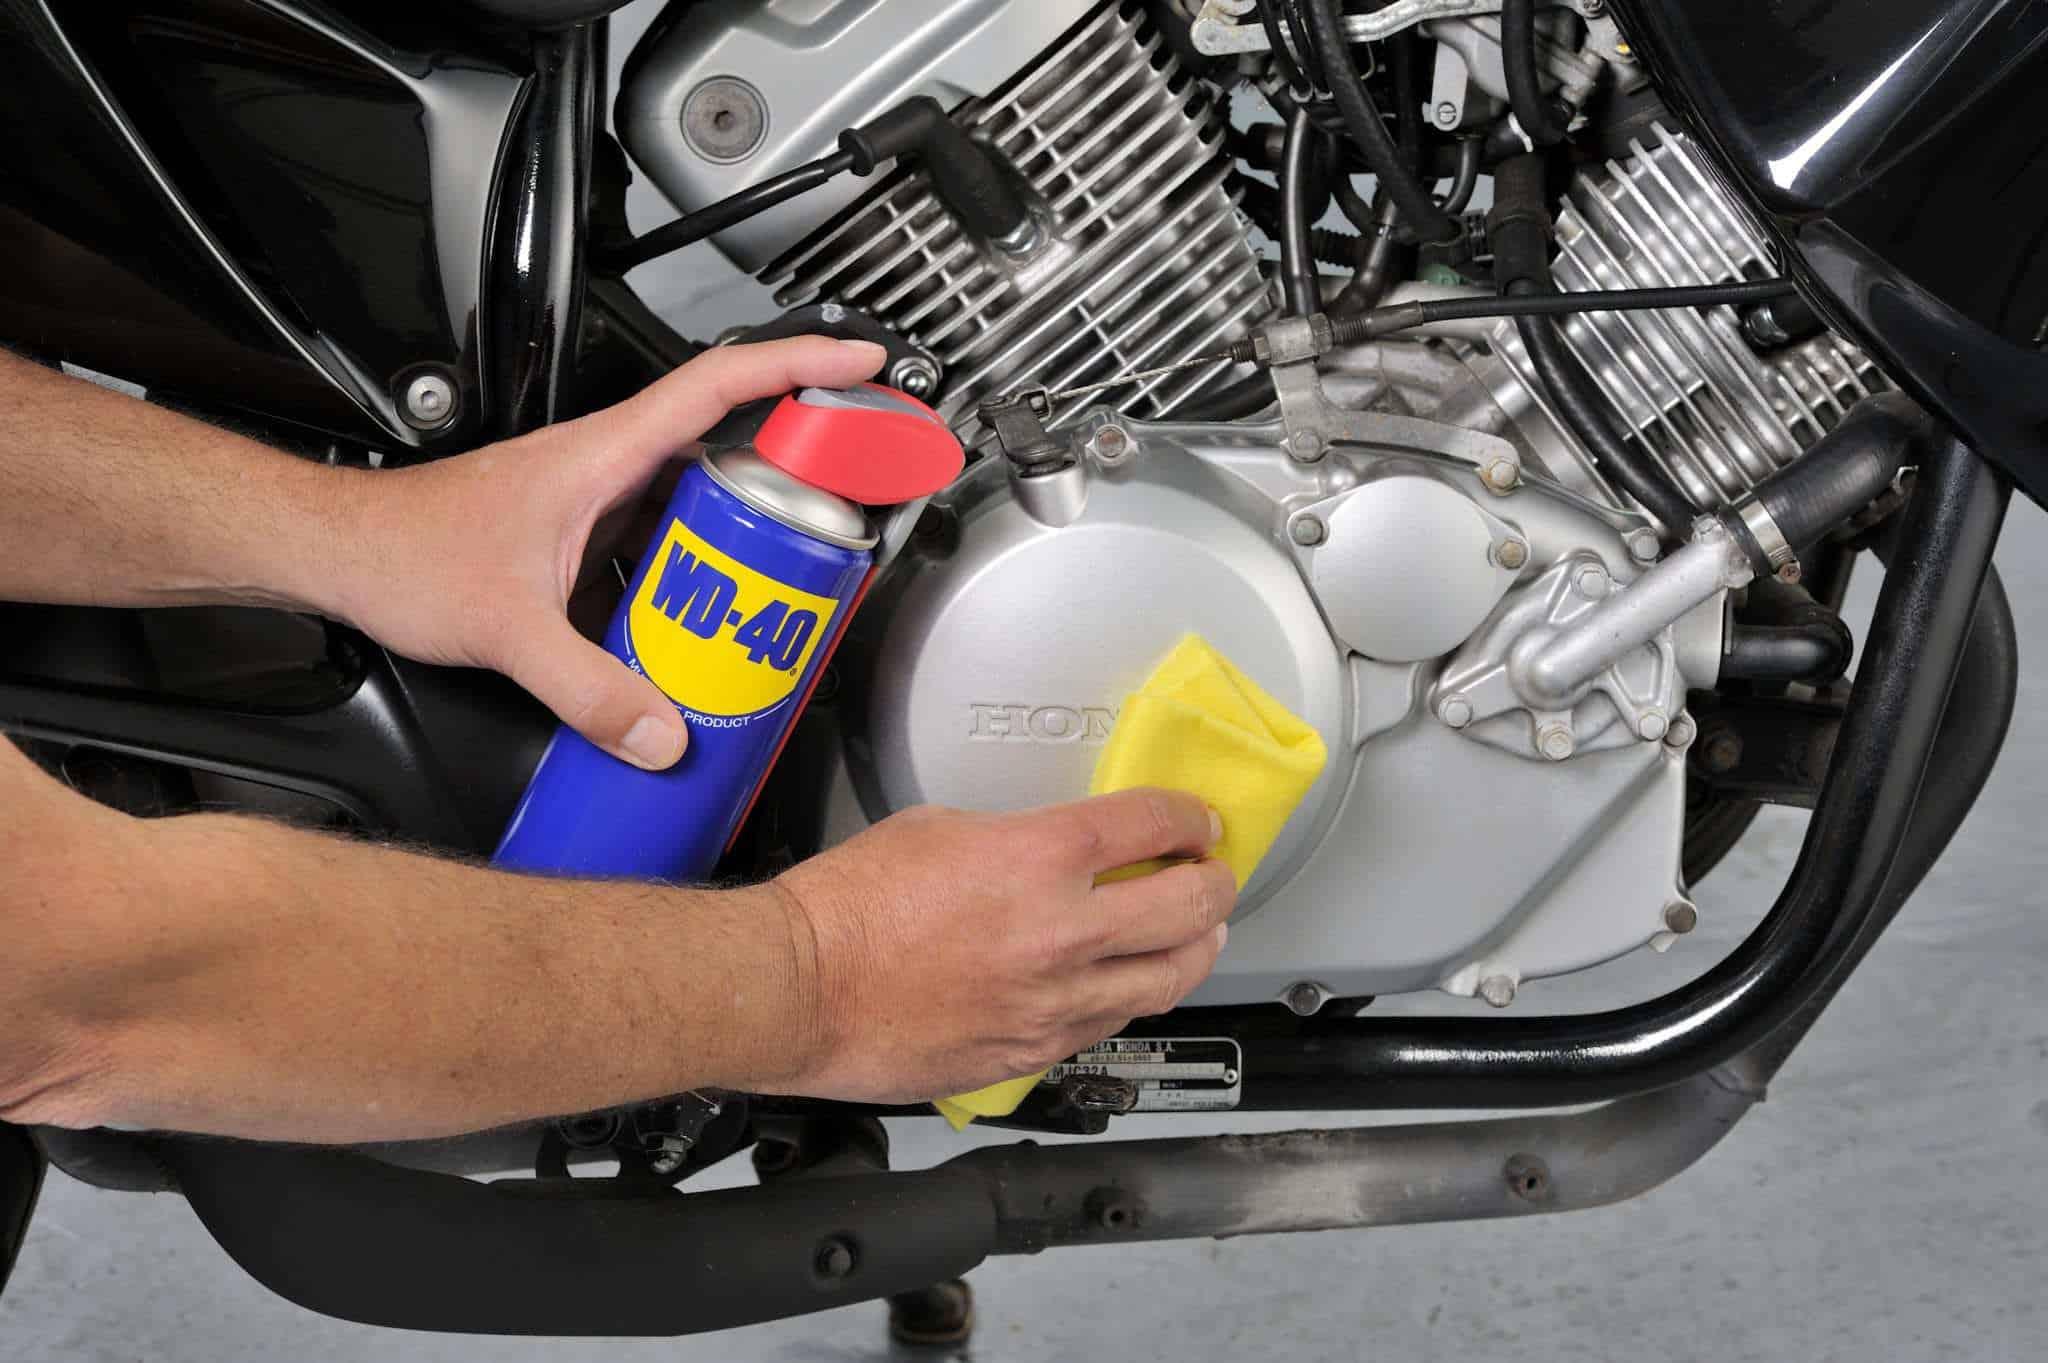 conselhos para realizar a lavagem do motor da moto